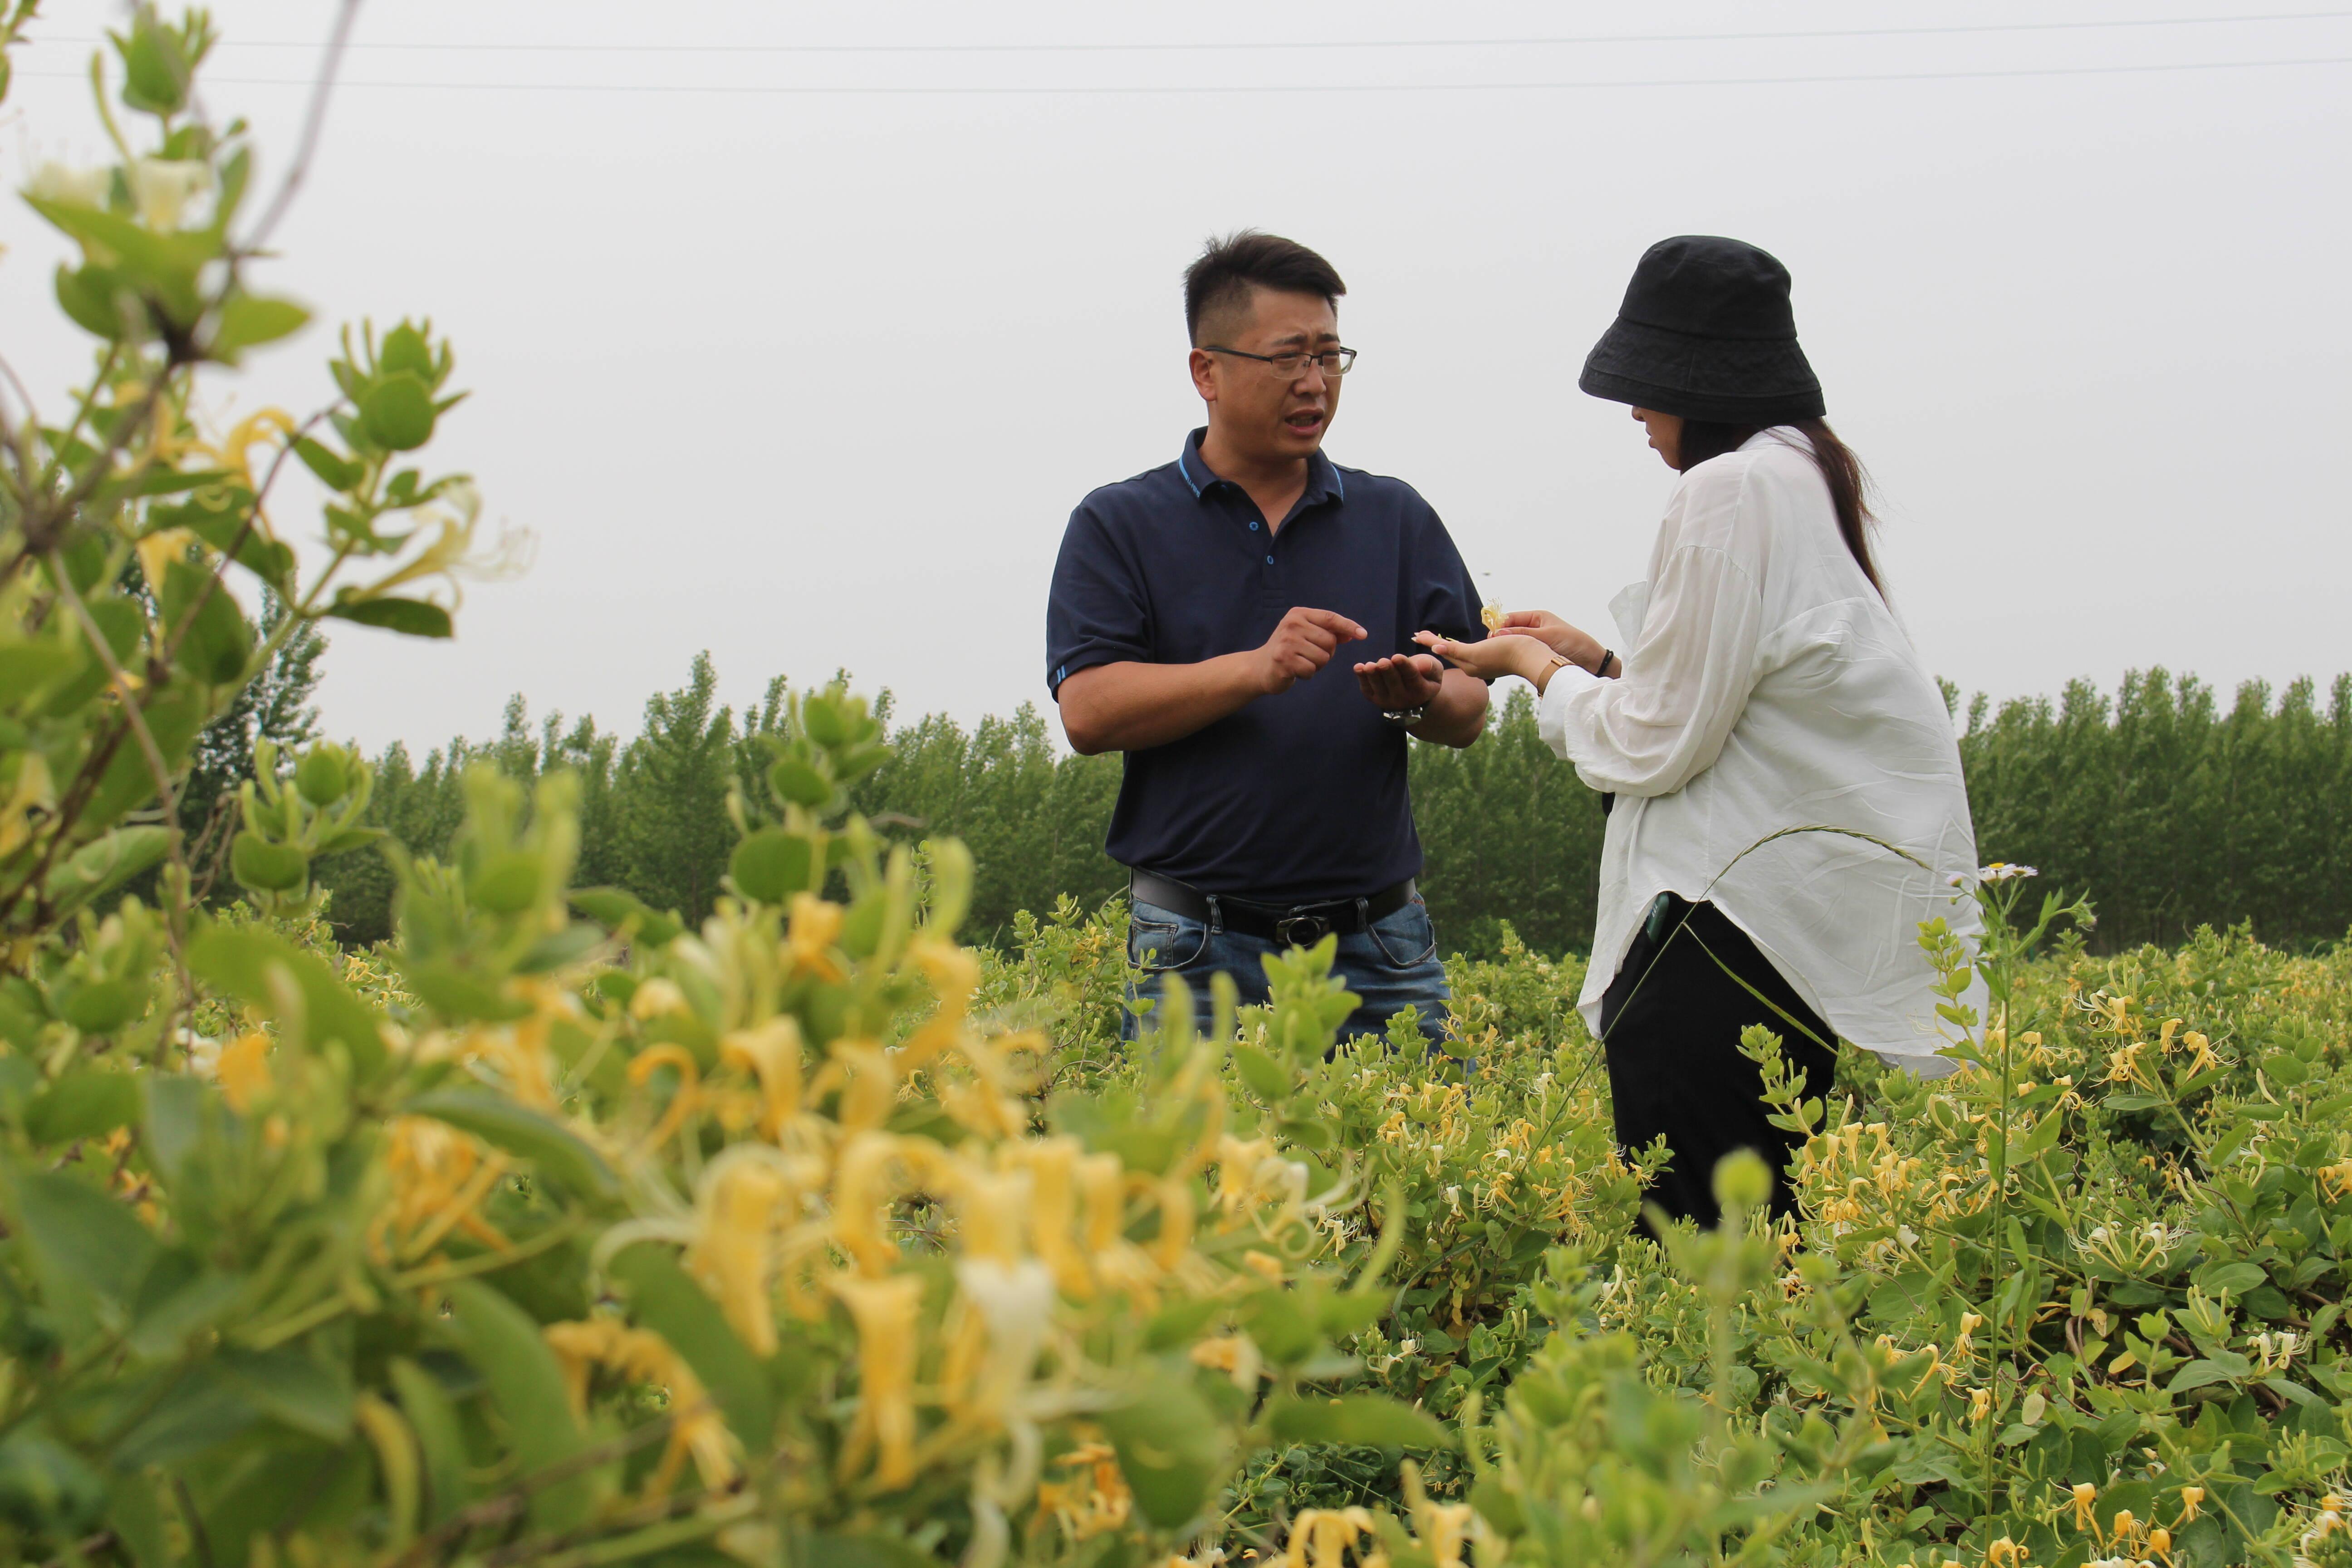 种植园负责人刘建龙察看金银花长势。记者 梁玉鹏 摄